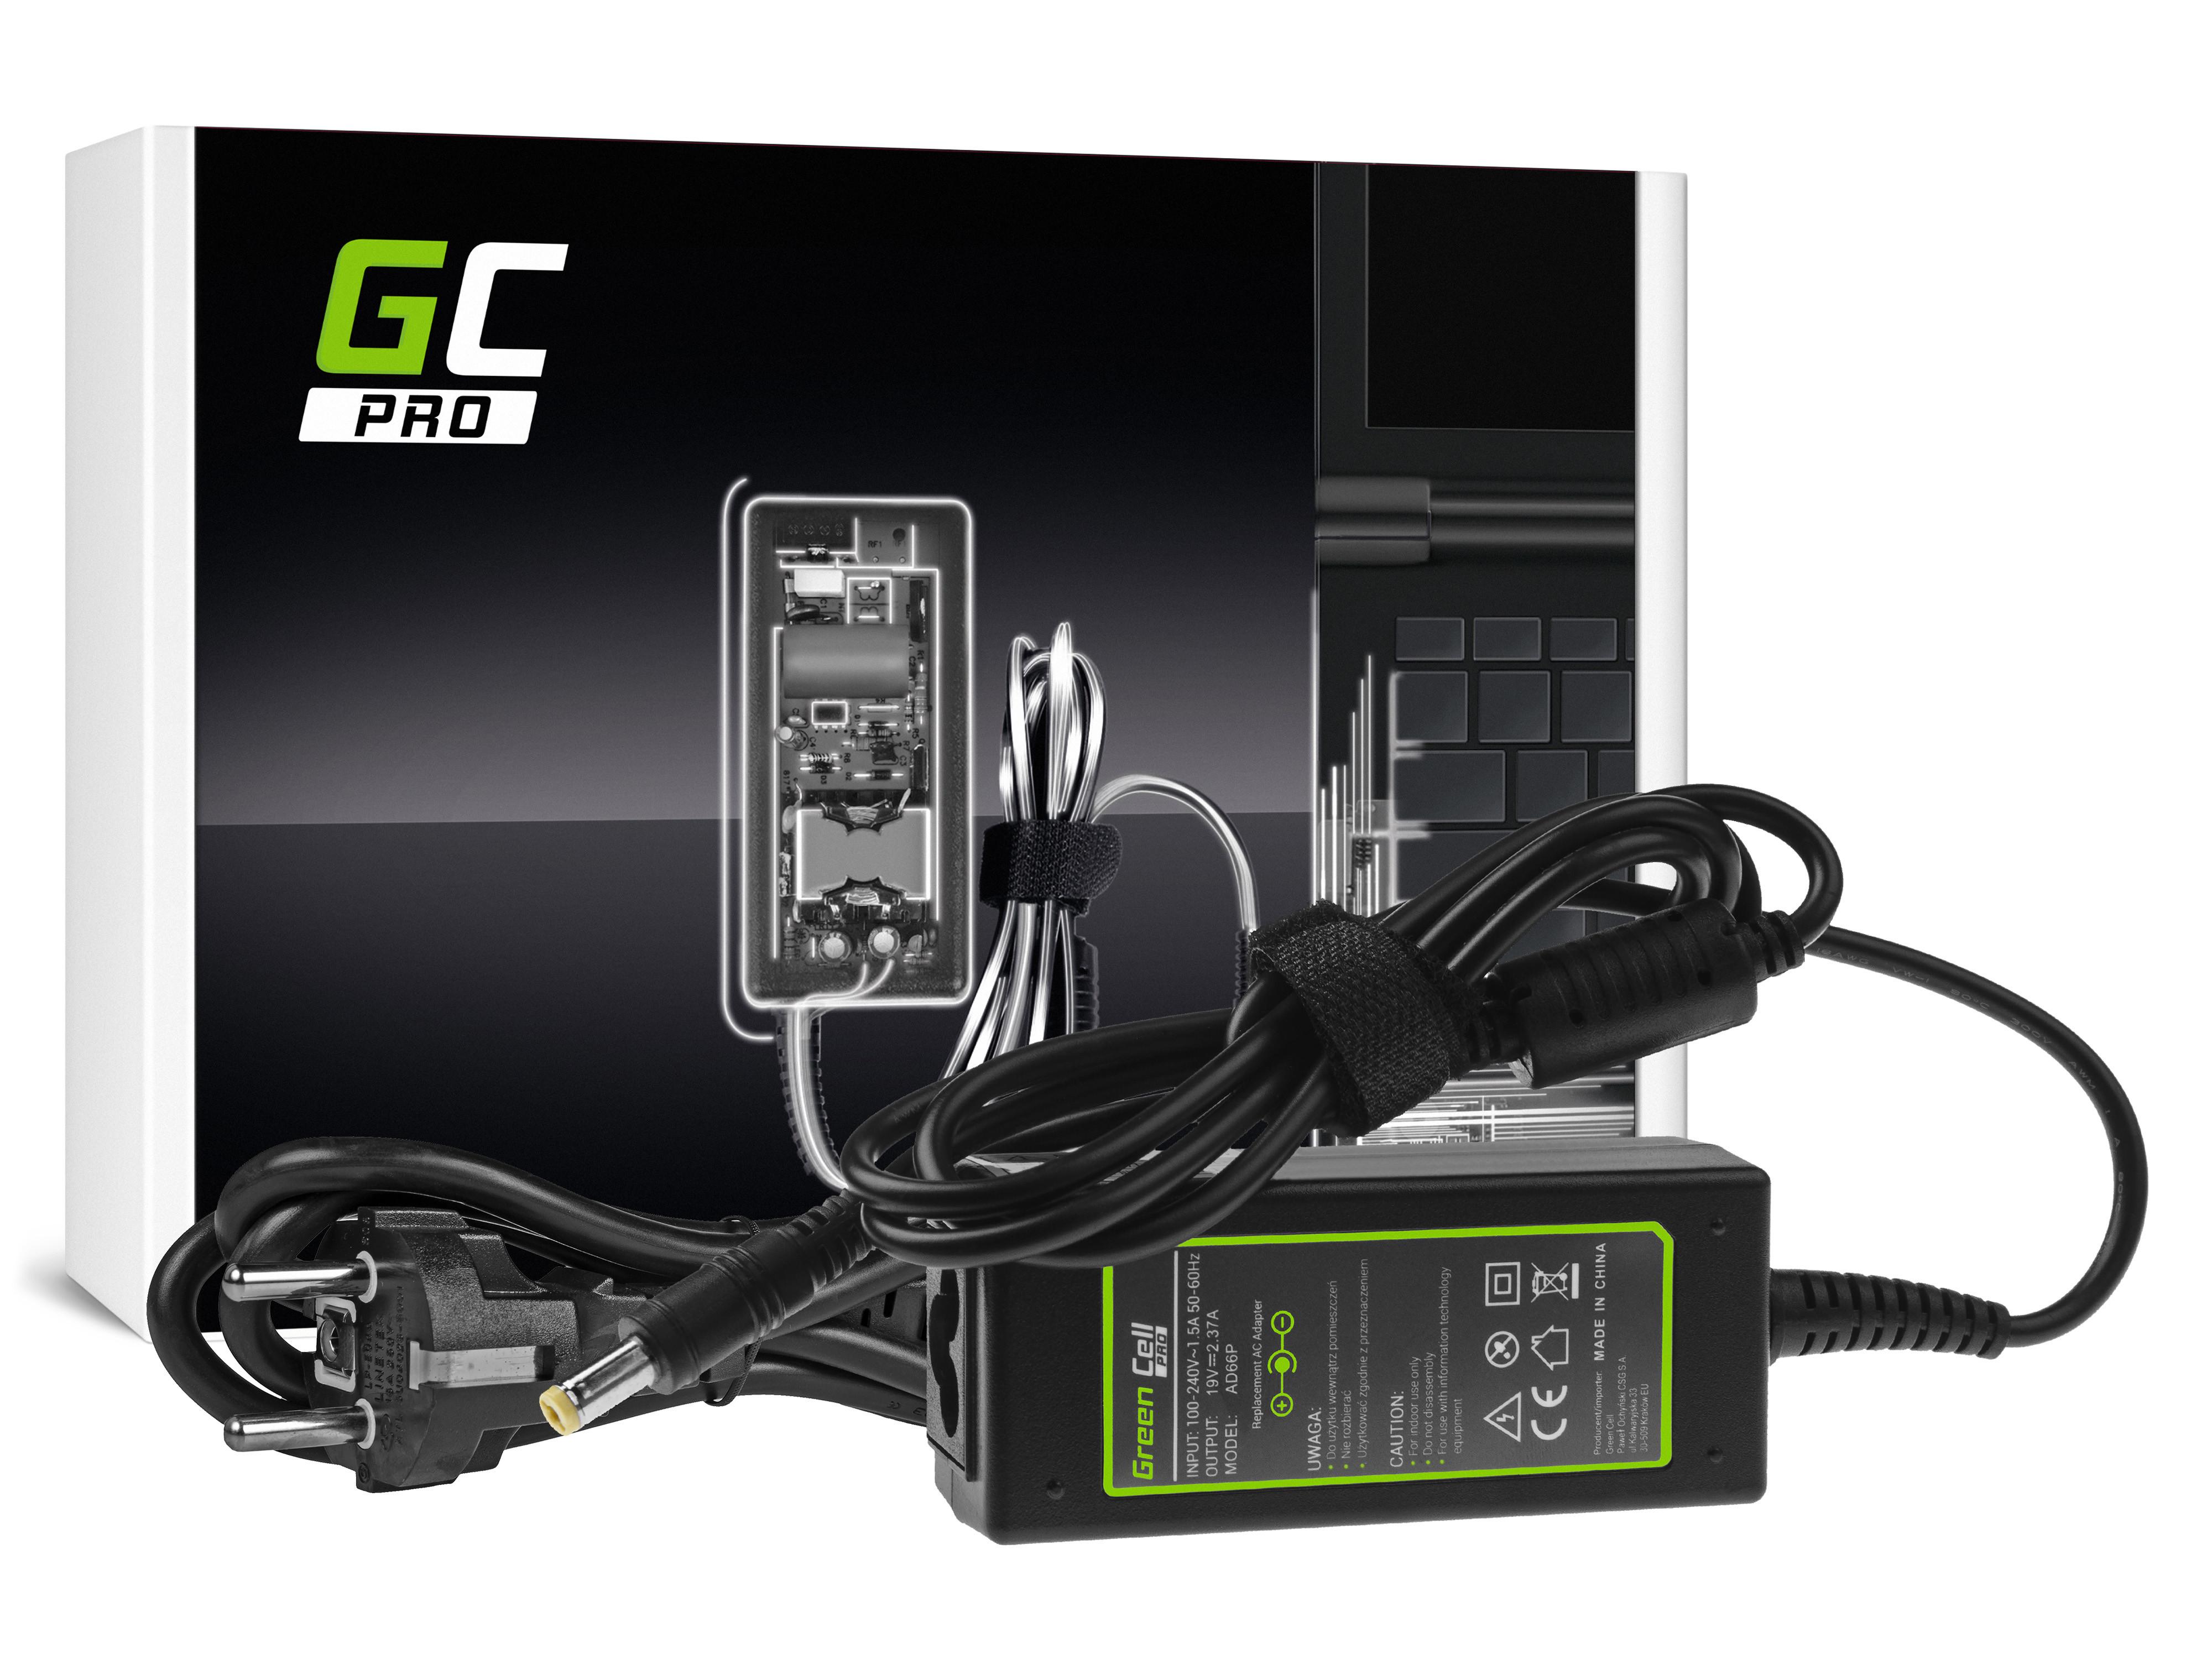 Green Cell PRO Charger  AC Adapter for Acer Aspire E5-511 E5-521 E5-573 E5-573G ES1-131 ES1-512 ES1-531 V5-171 19V 2.37A 45W